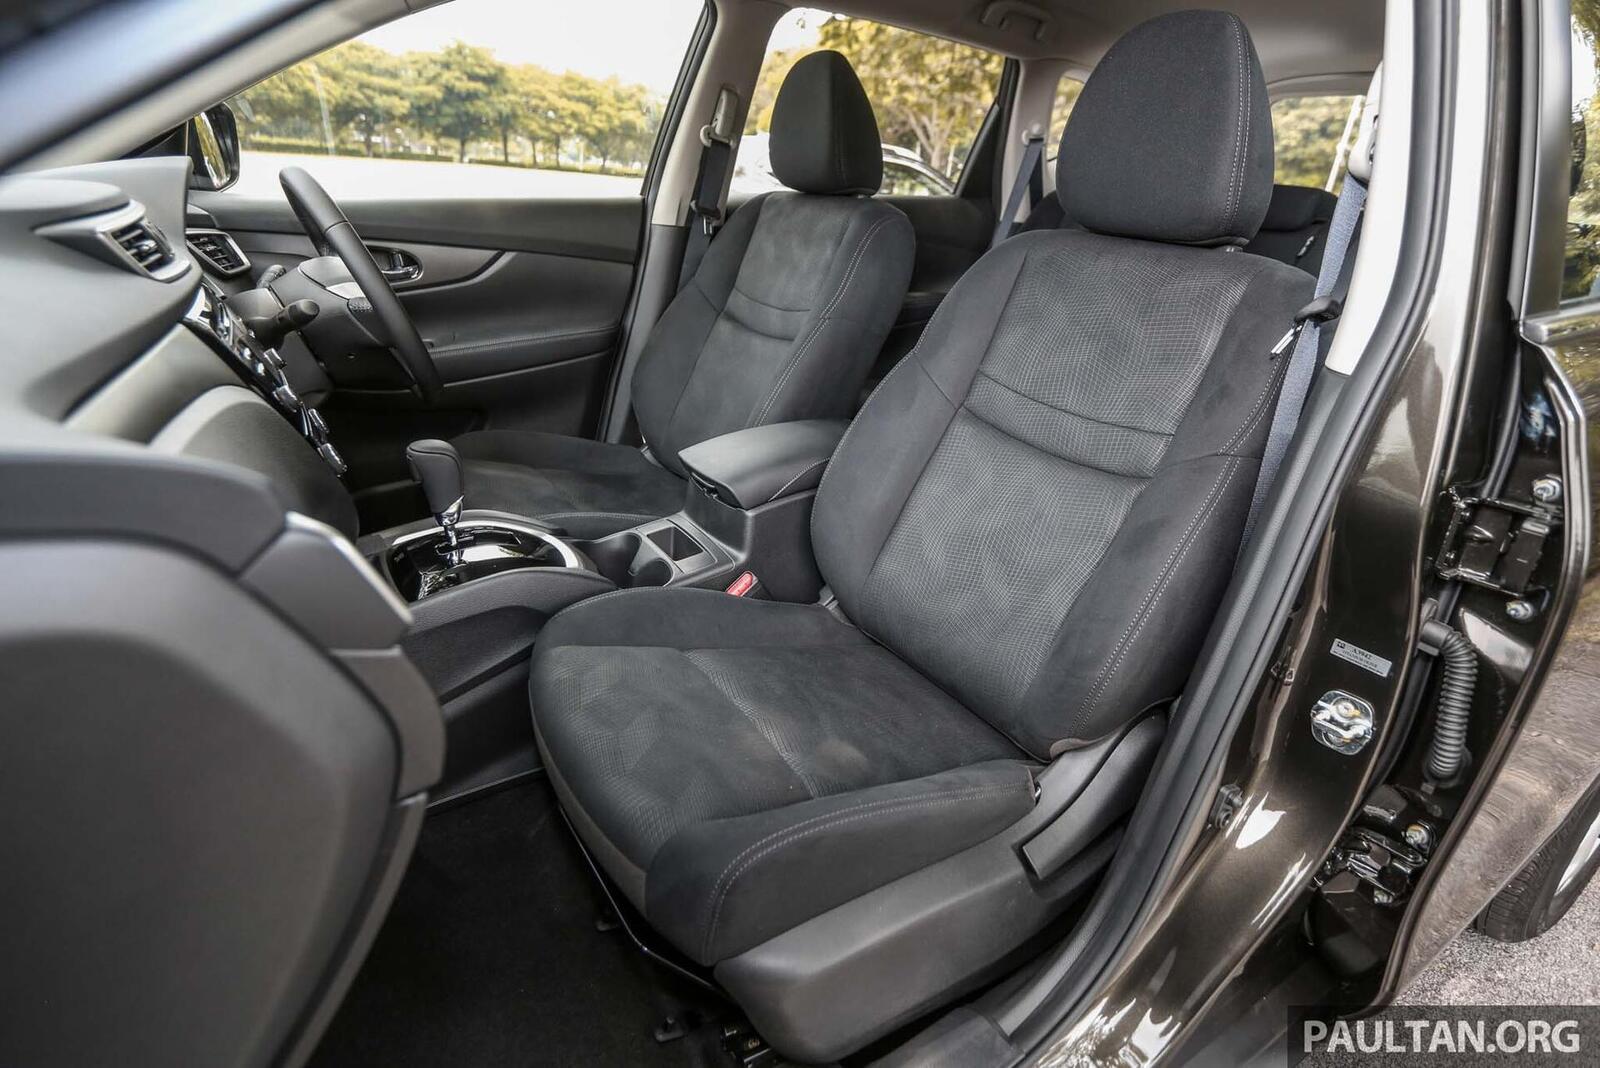 Sự khác biệt giữa Nissan X-Trail phiên bản nâng cấp facelift mới và cũ - Hình 15